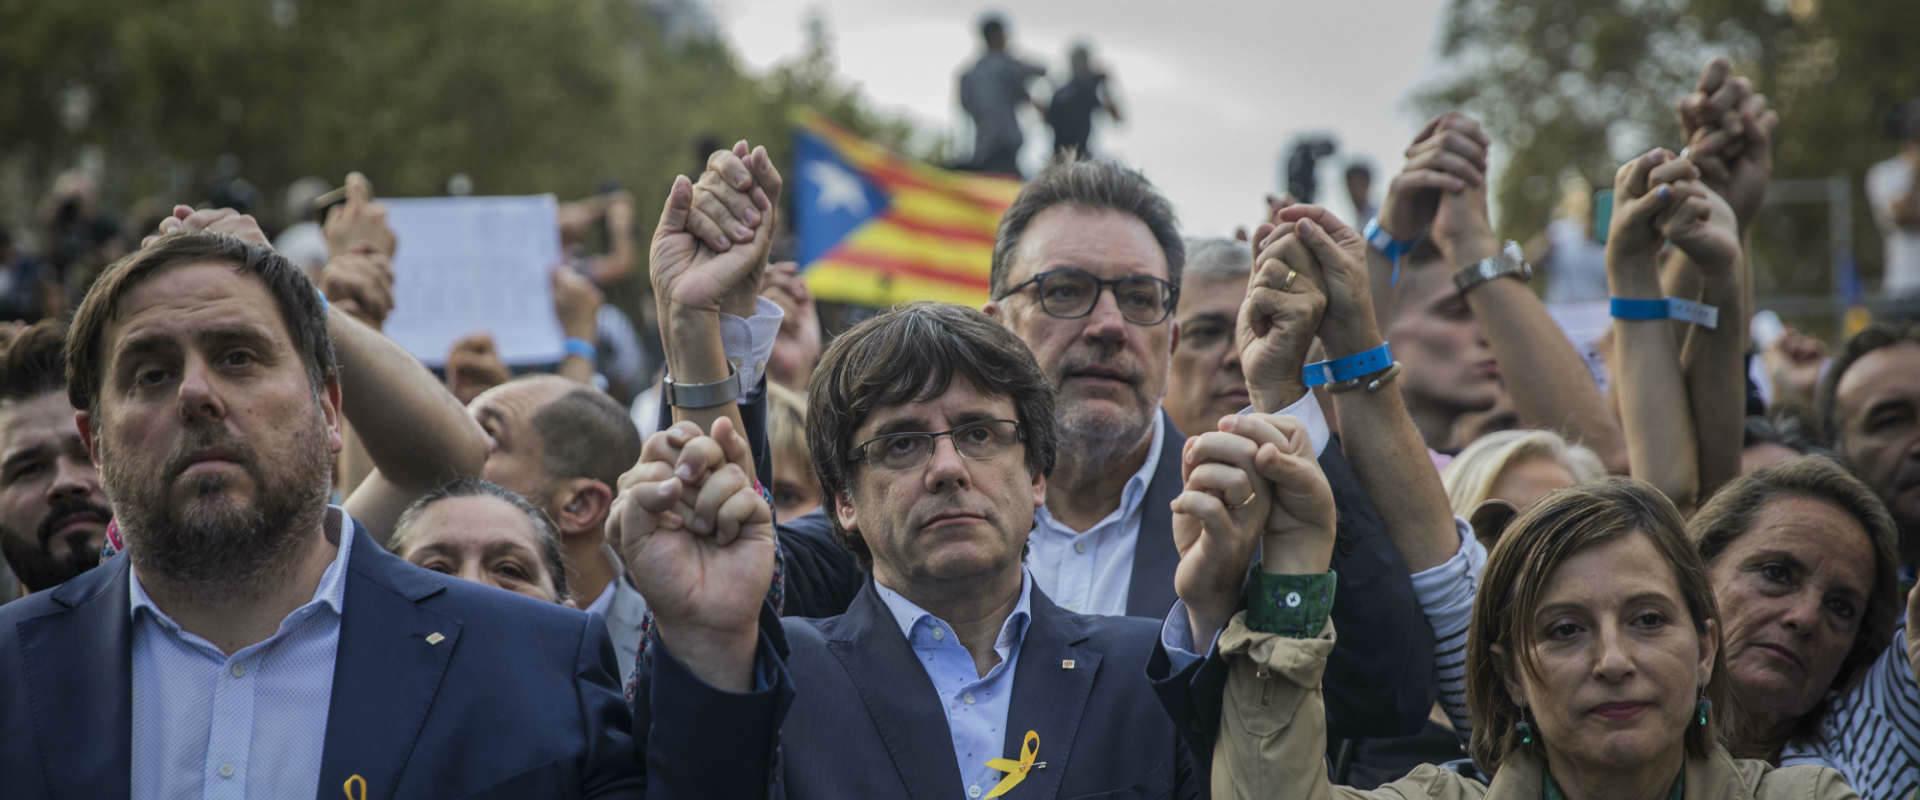 נשיא קטלוניה קרלס פוג'דמון ומפגינים למען עצמאות